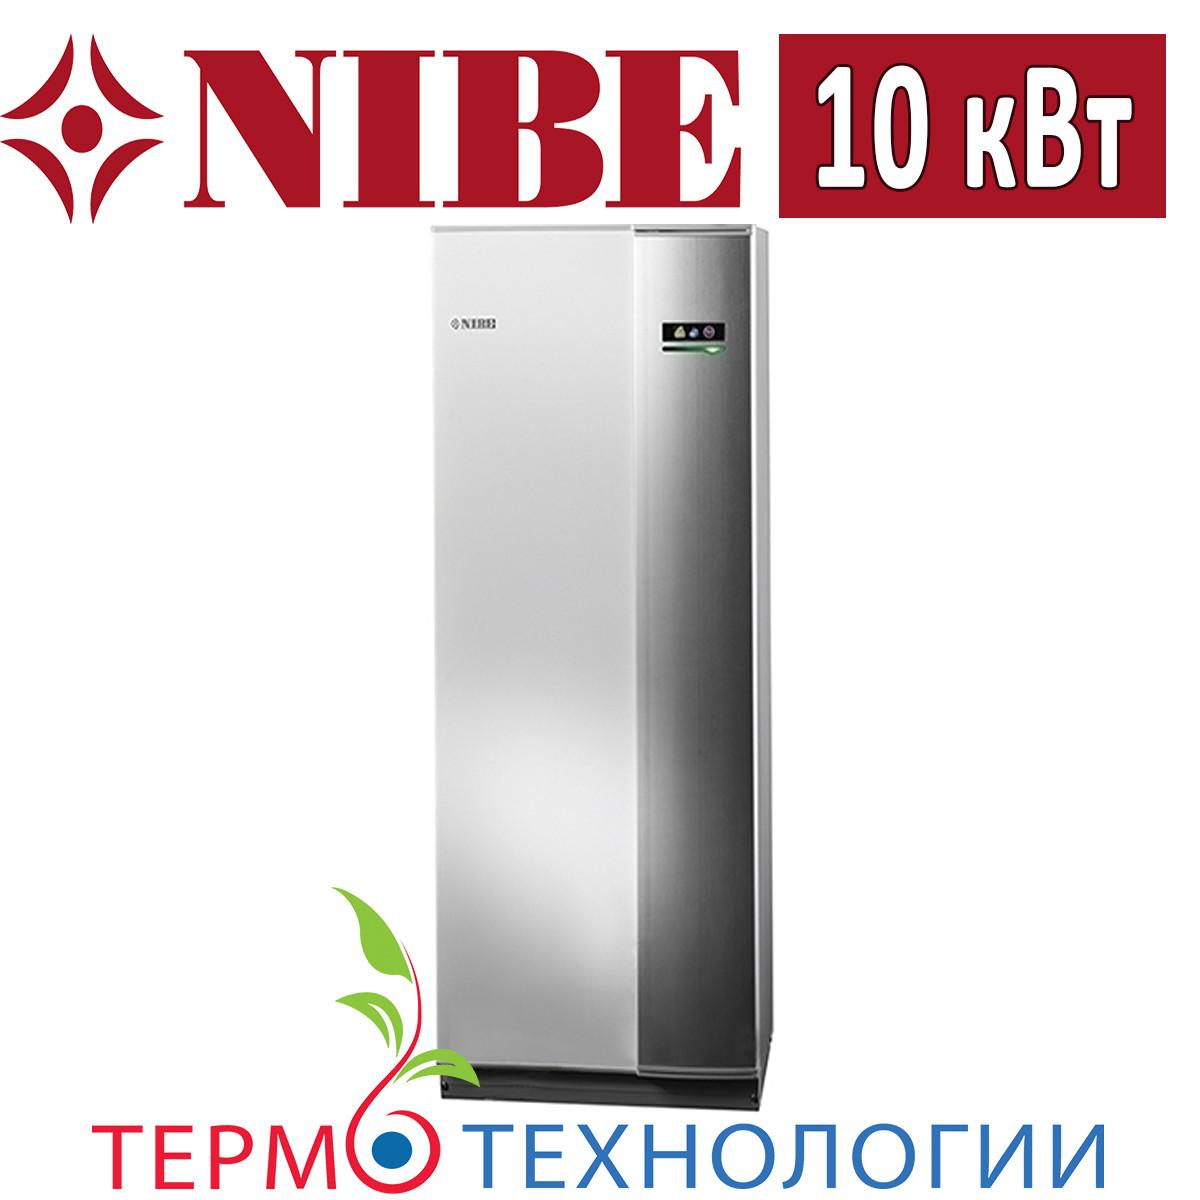 Тепловой насос грунт-вода Nibe F1145-10 PC 10 кВт